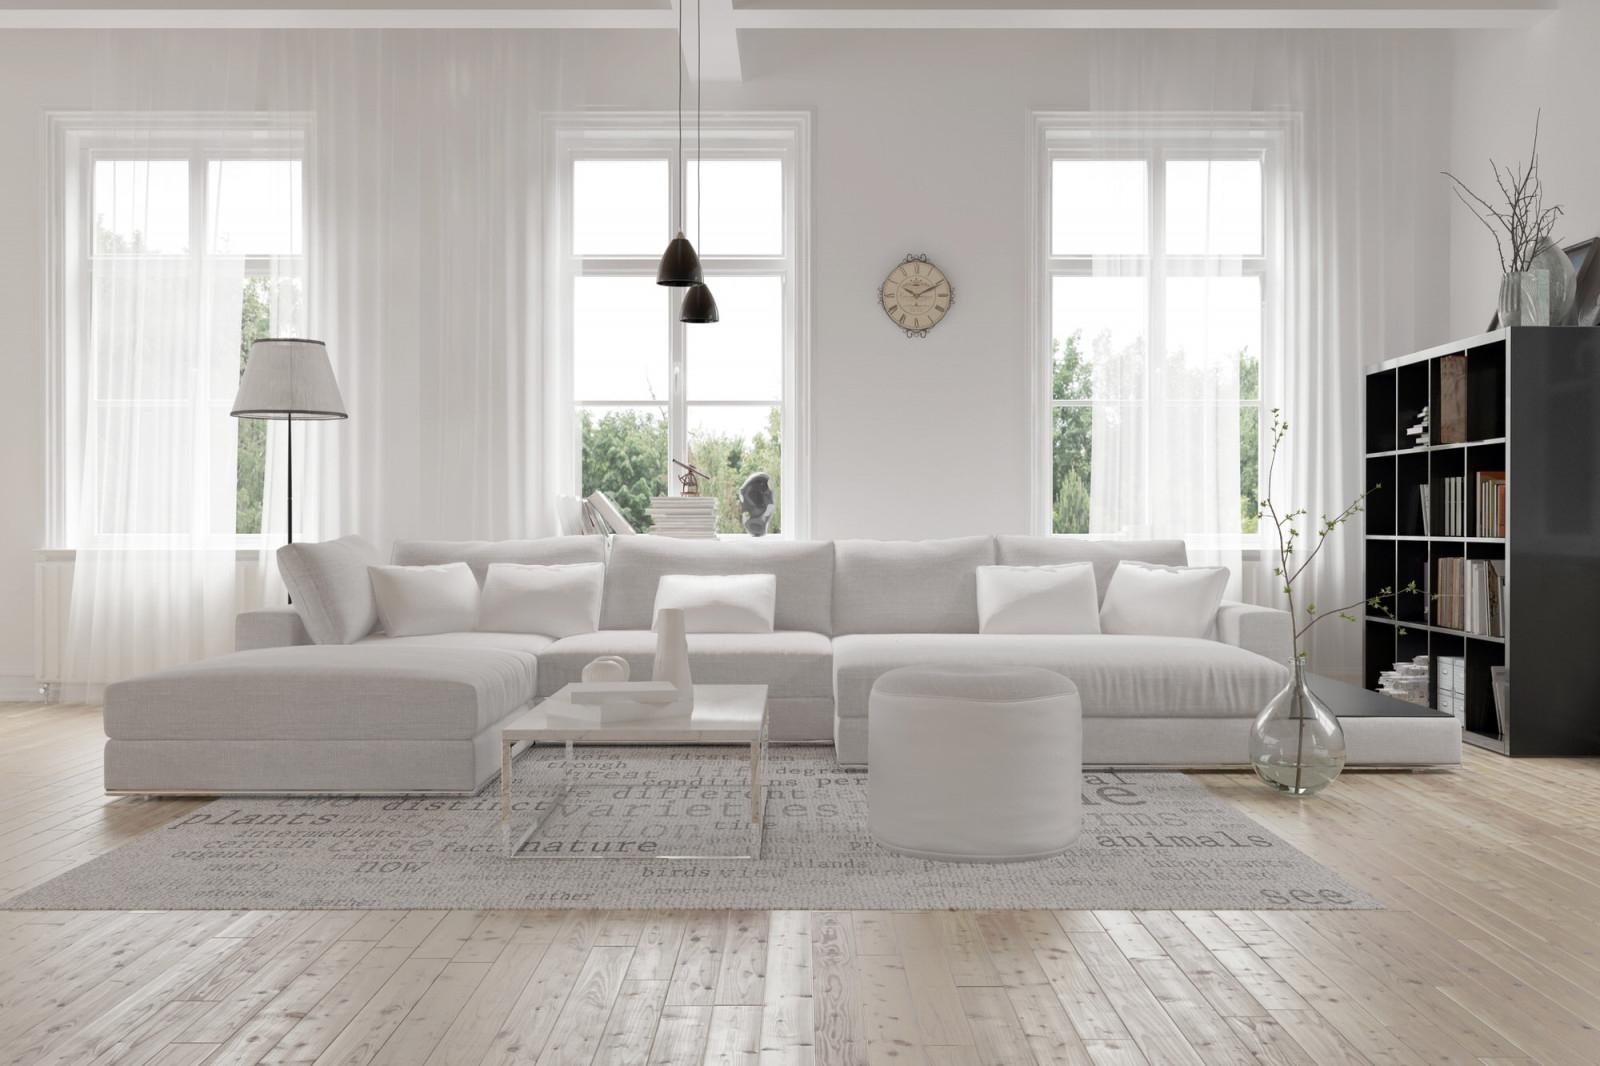 Große Räume Einrichten Und Gestalten – So Geht's  Heimhelden von Ideen Großes Wohnzimmer Bild